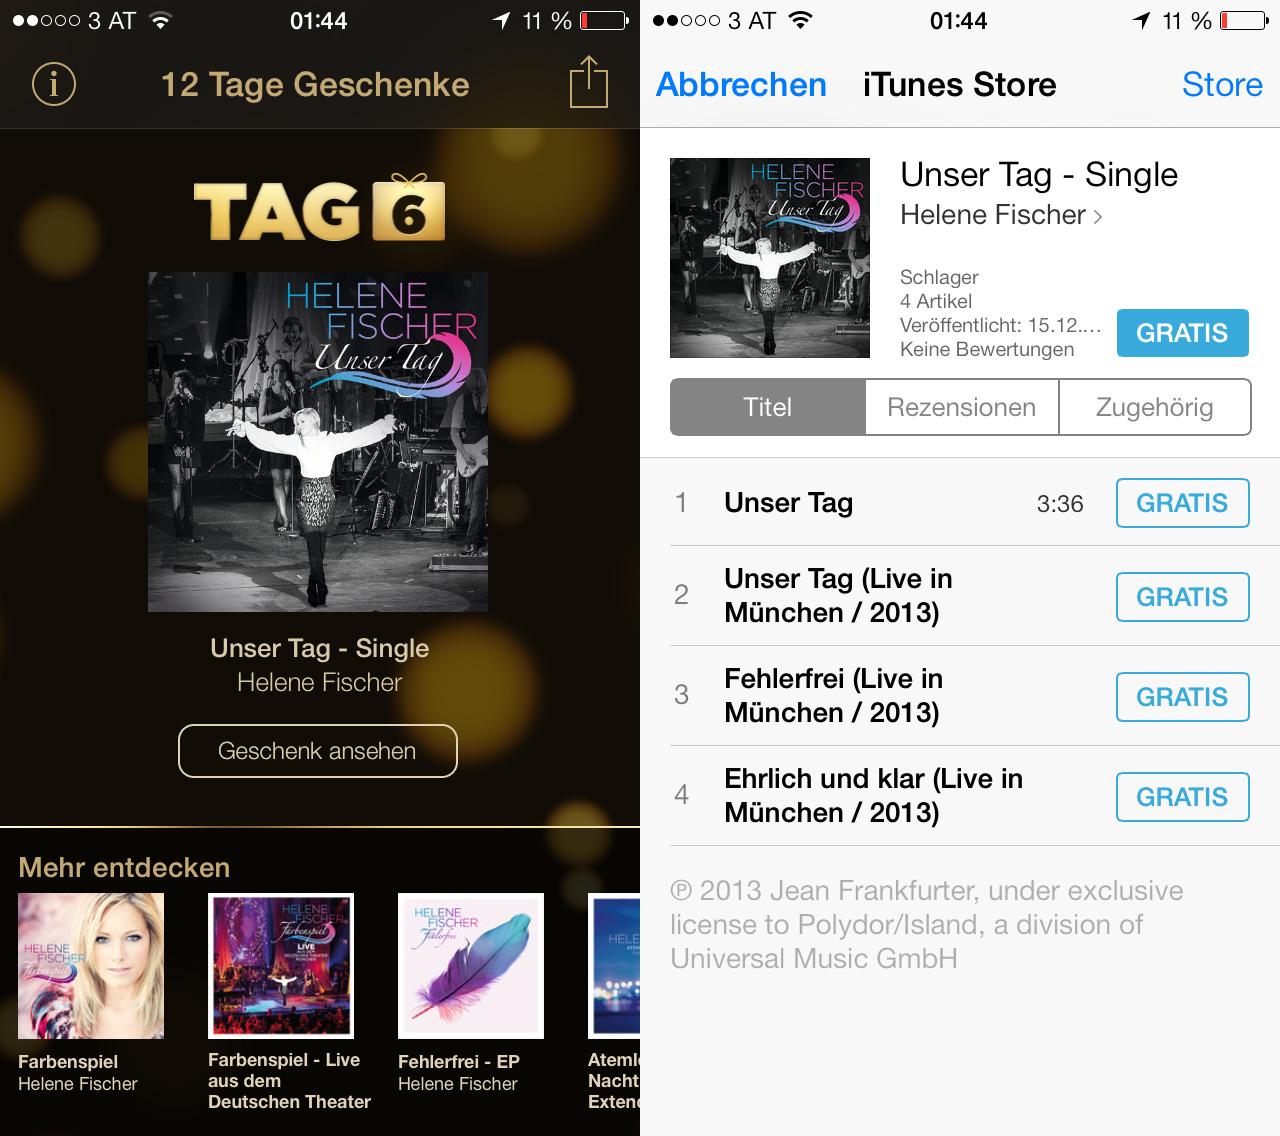 iTunes 12 Tage Geschenke - Tag 06: Unser Tag von Helene Fischer zum kostenlosen Download, Hack4Life, Anleitung, gratis, App, Fabian Geissler